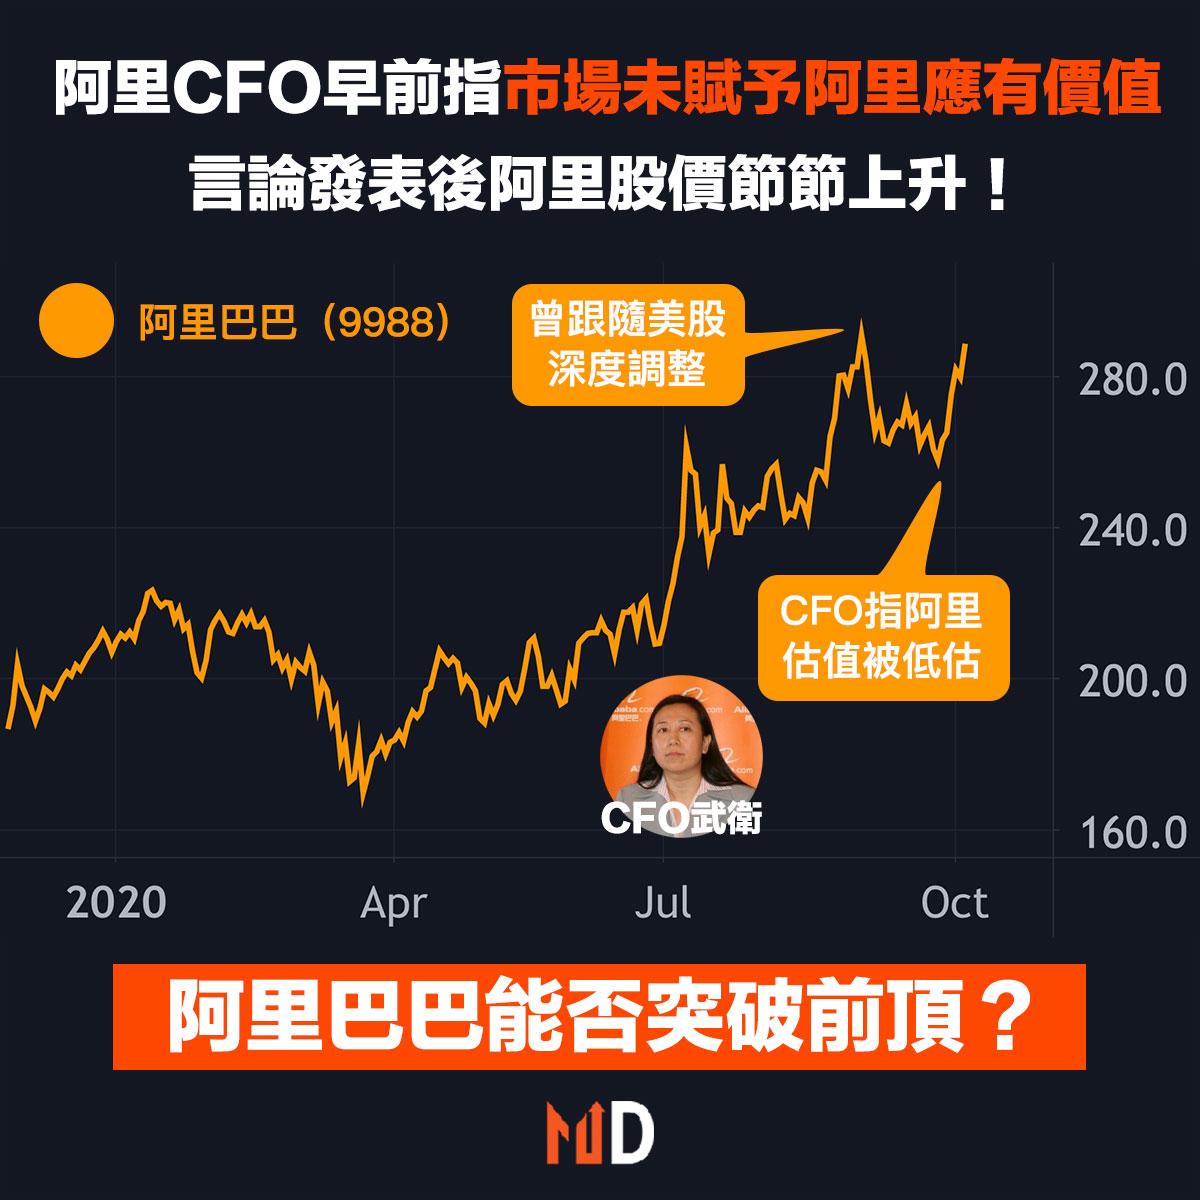 阿里CFO早前指市場未賦予阿里應有價值,言論發表後阿里股價節節上升!